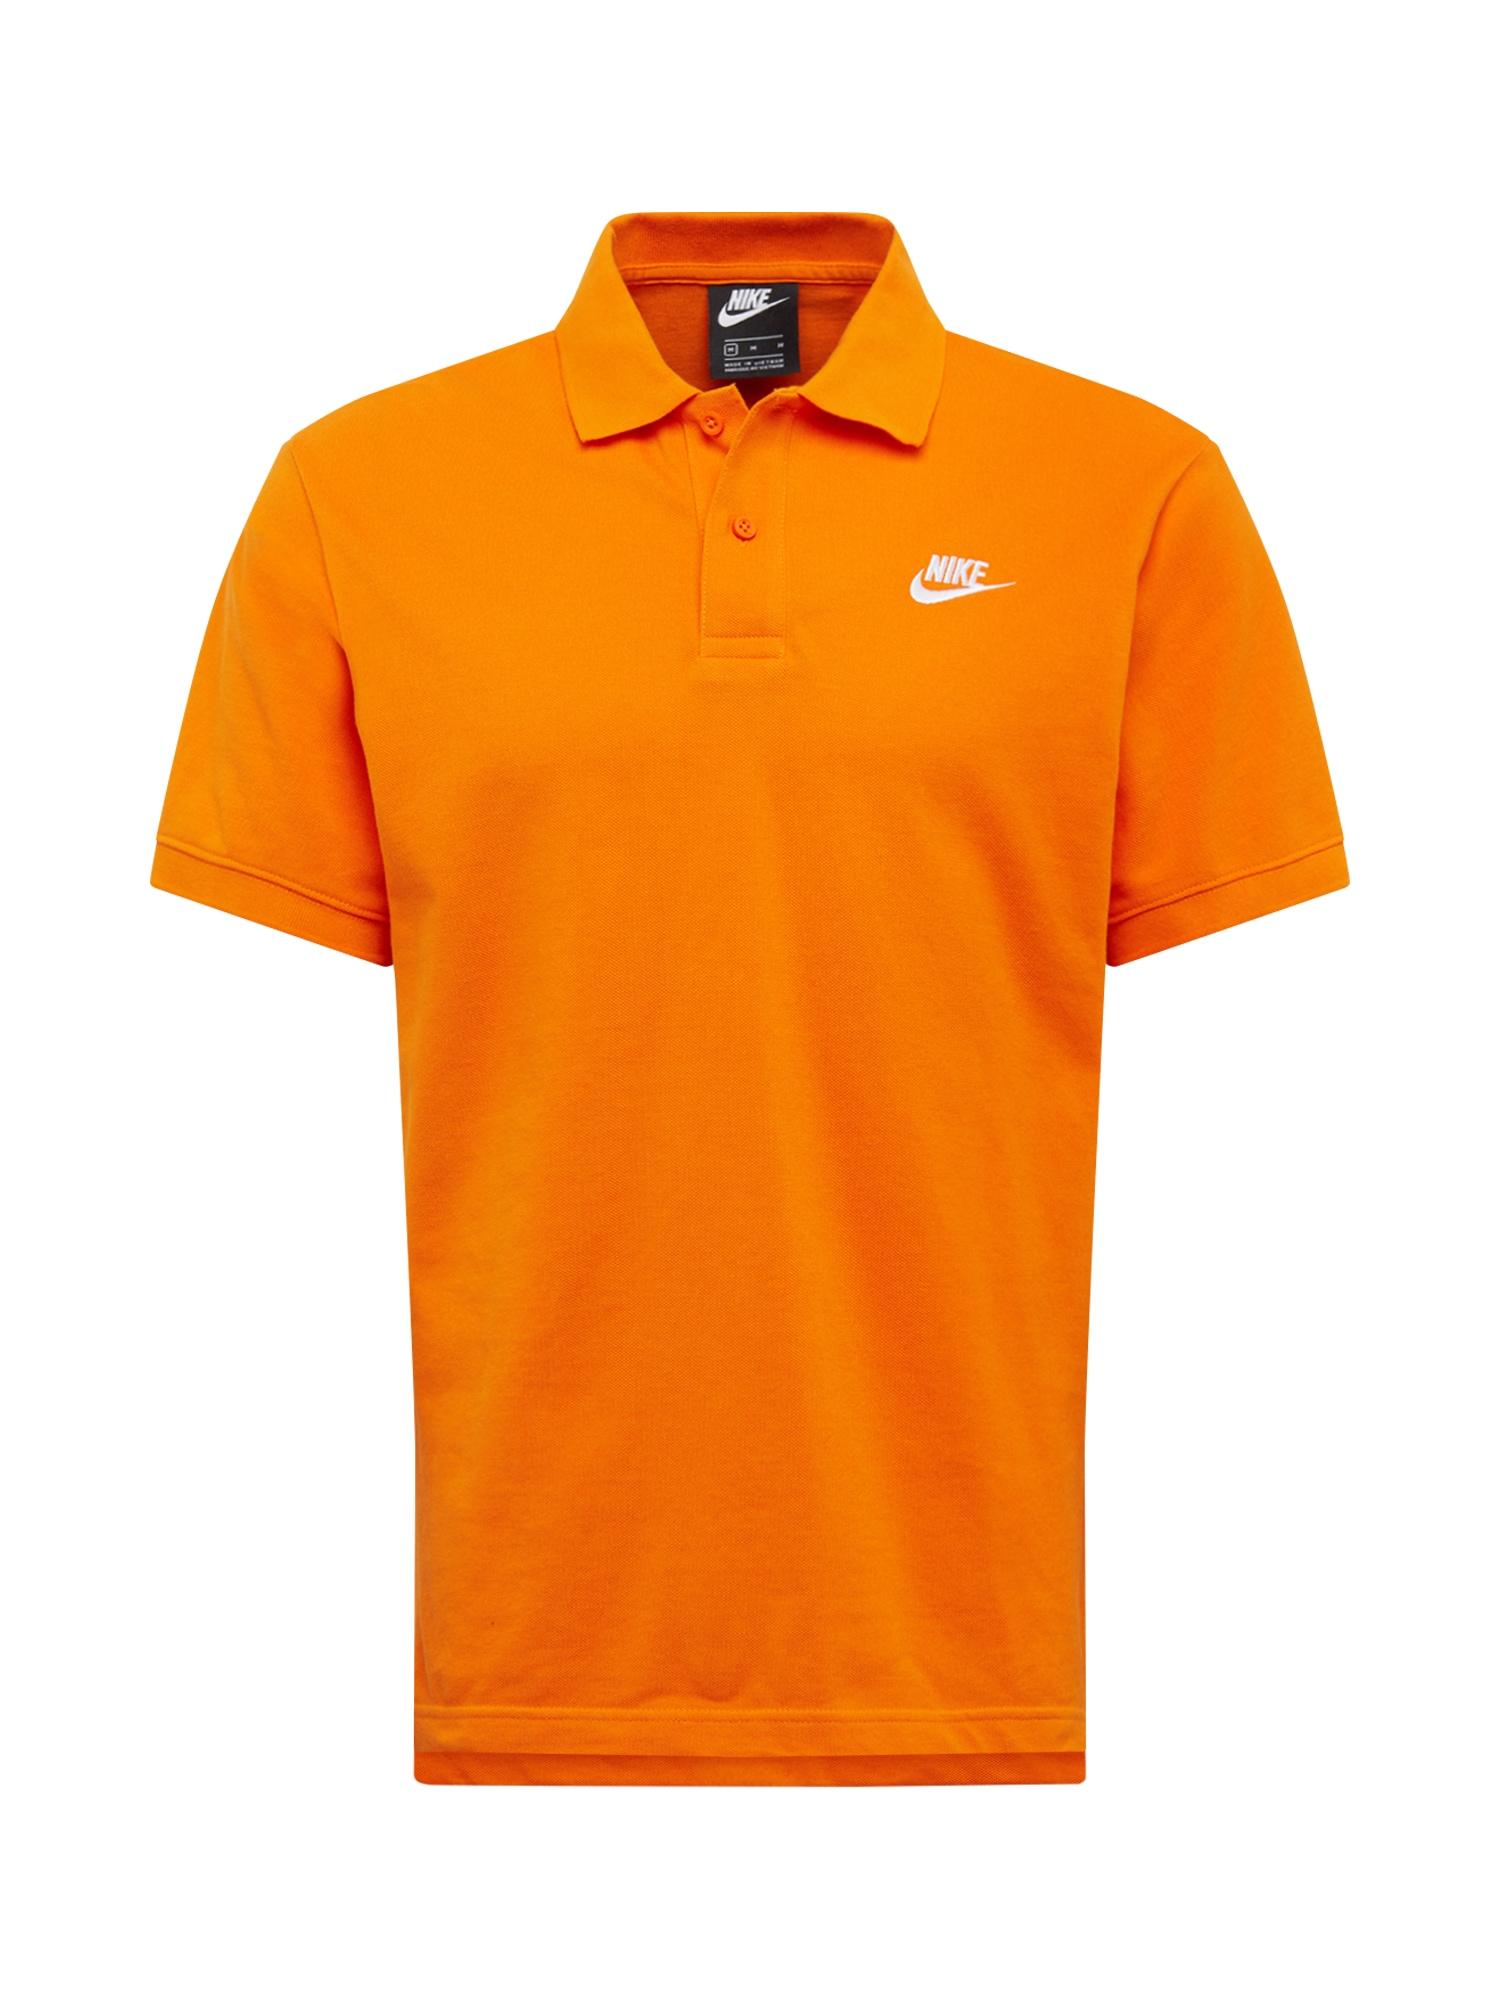 Nike Sportswear Sportiniai marškinėliai oranžinė-raudona